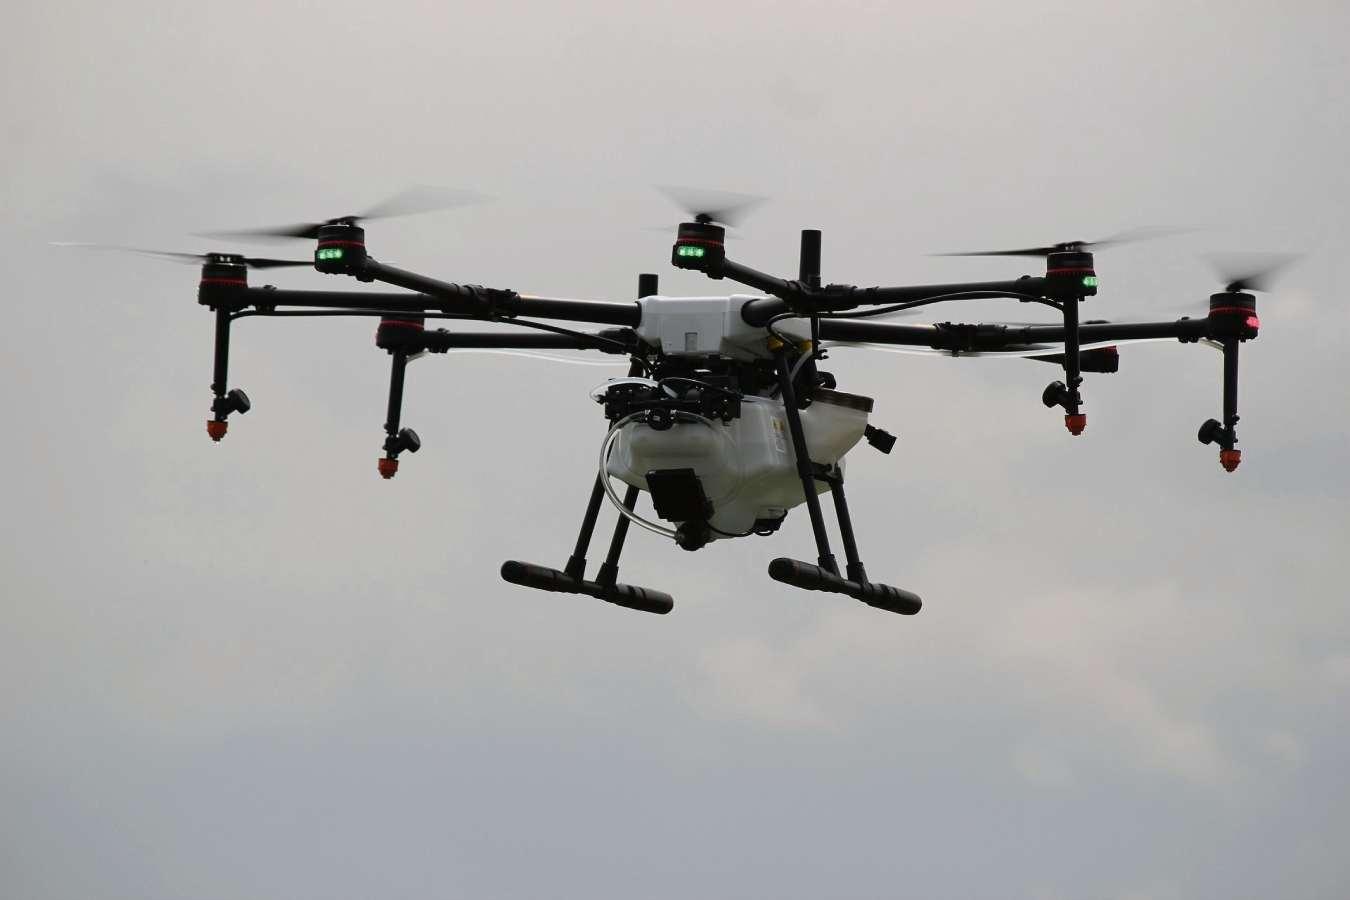 Uso de drones em filmagens e fotografias é aposta para este ano      . Crédito: Pixabay